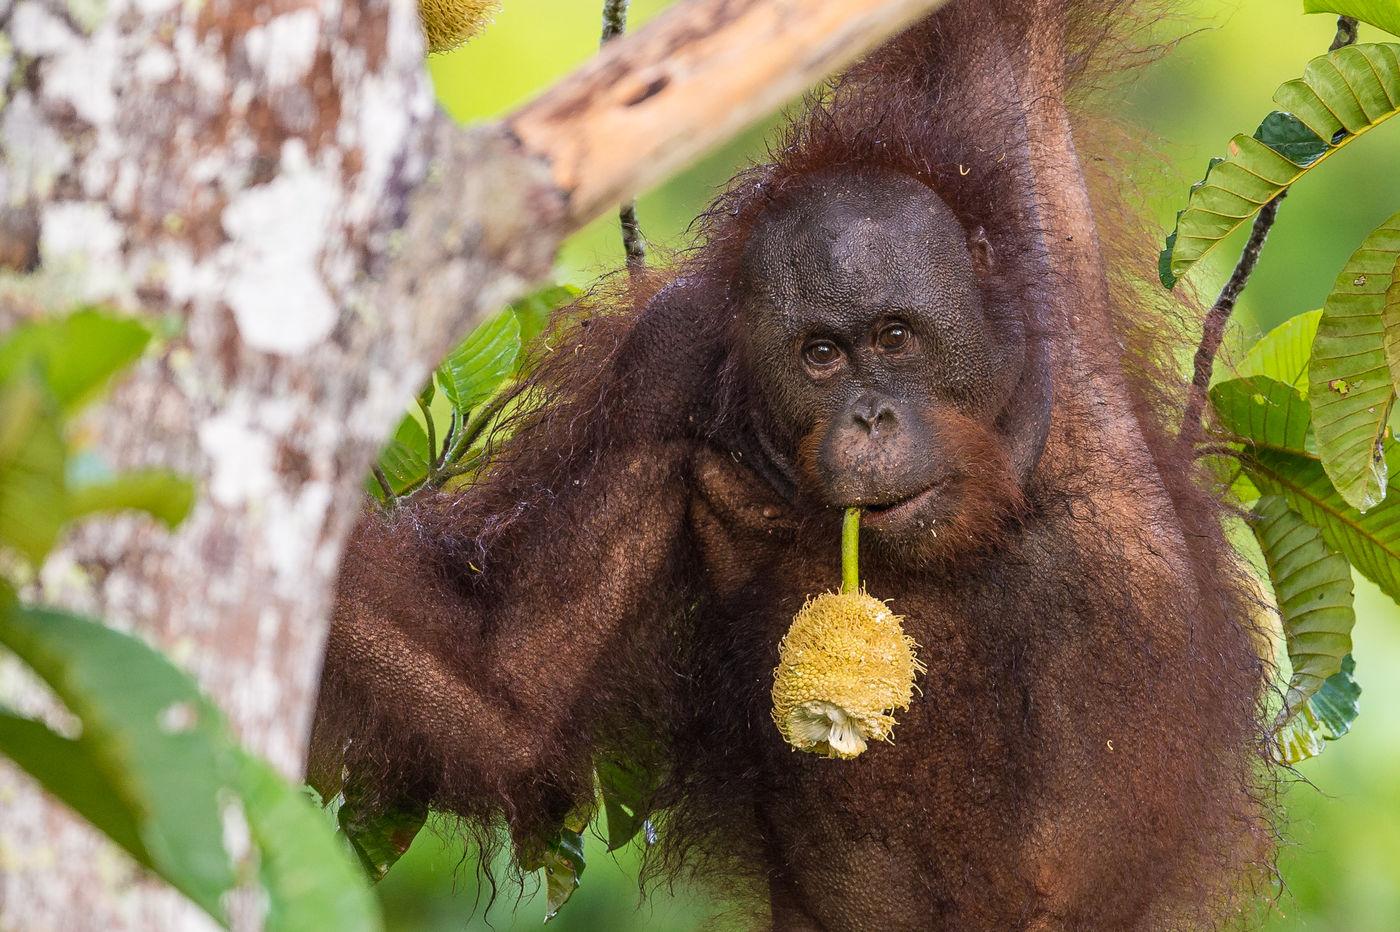 De vrucht van een broodboom volstaat voor deze orang-oetang en is geschikt als ontbijtje. © Billy Herman